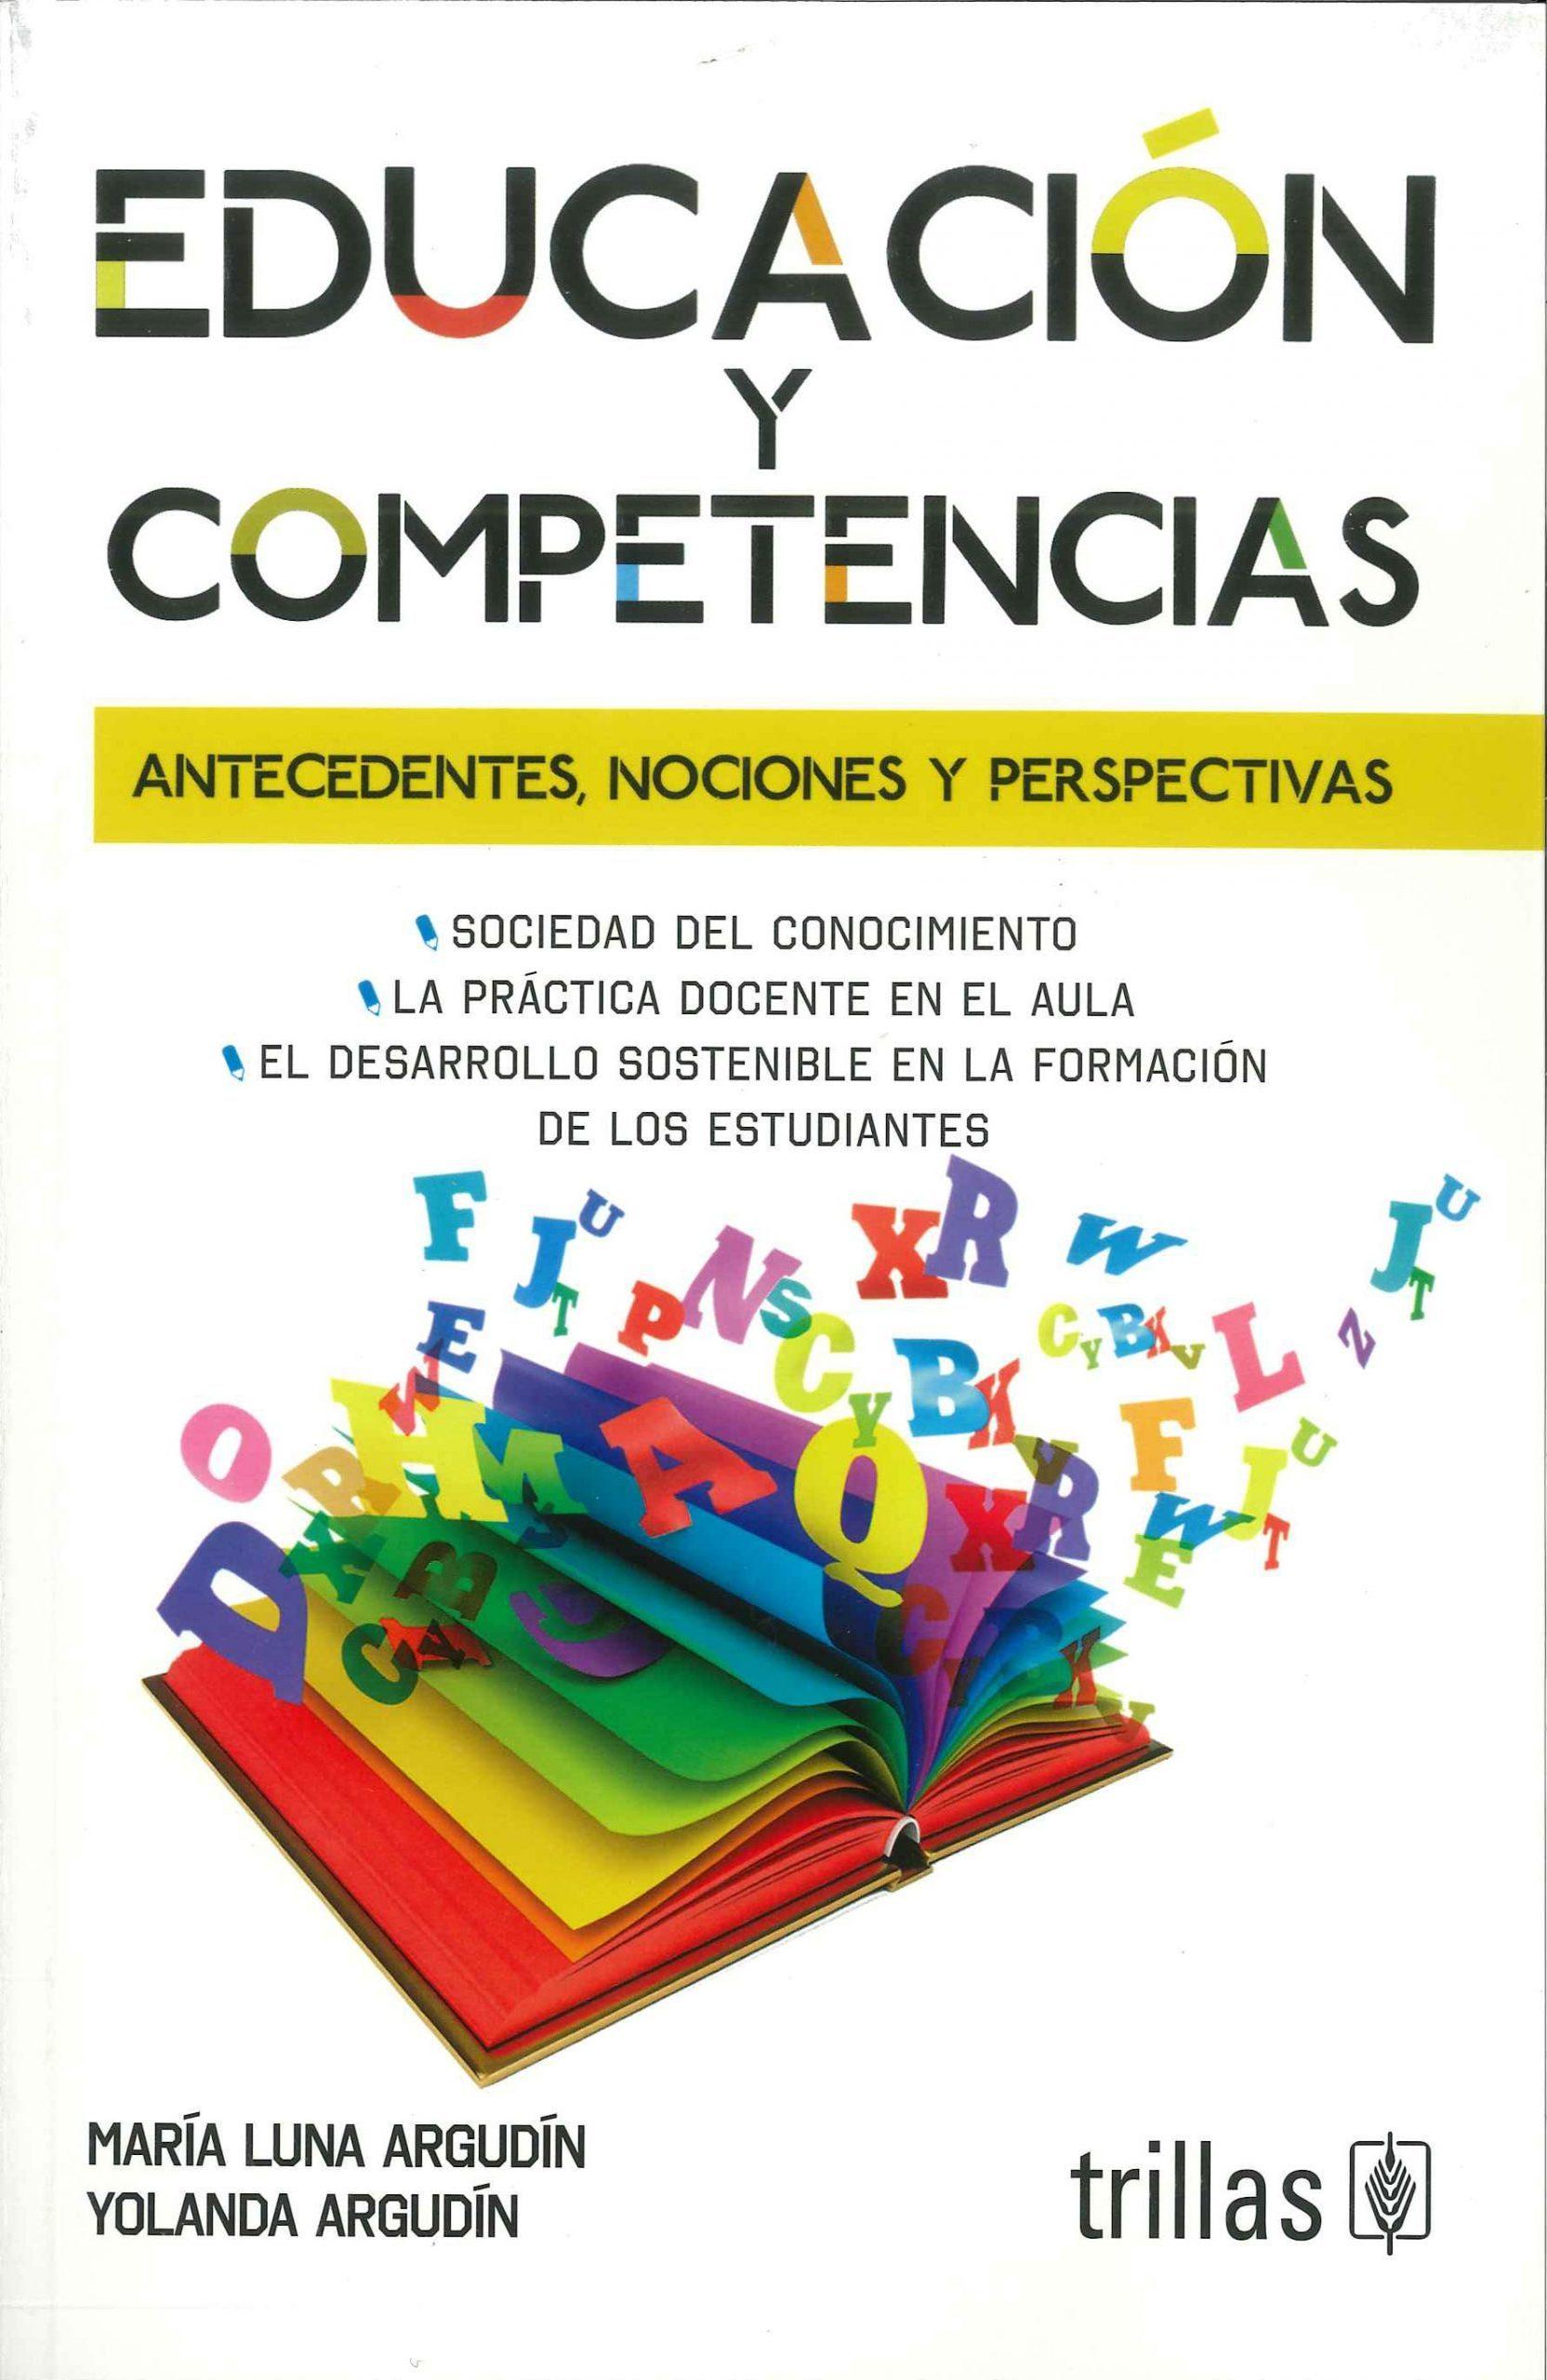 Educación y competencias